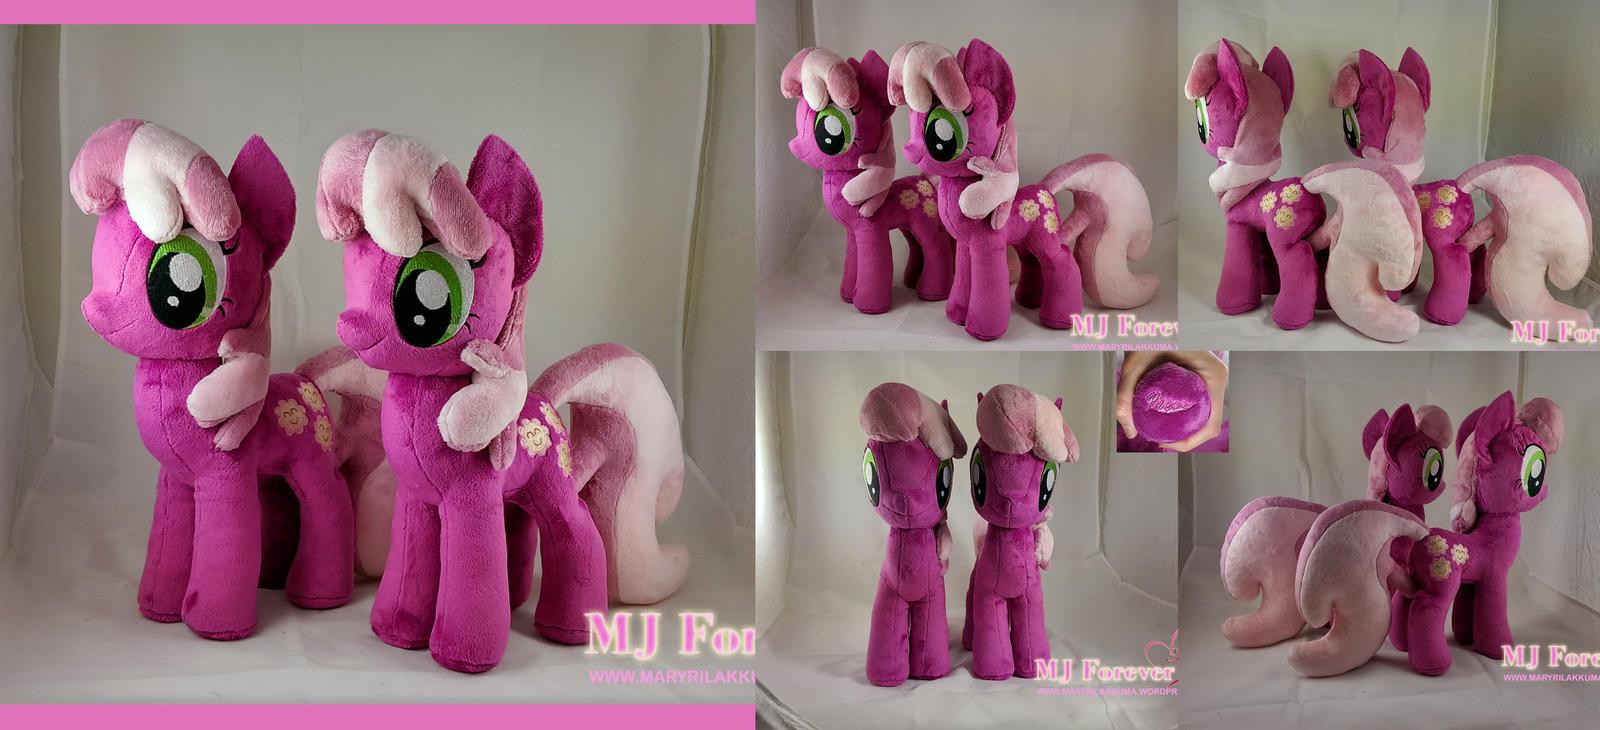 Cheerileeeee Plushieeeee x2!  :D (SOLD!) by moggymawee